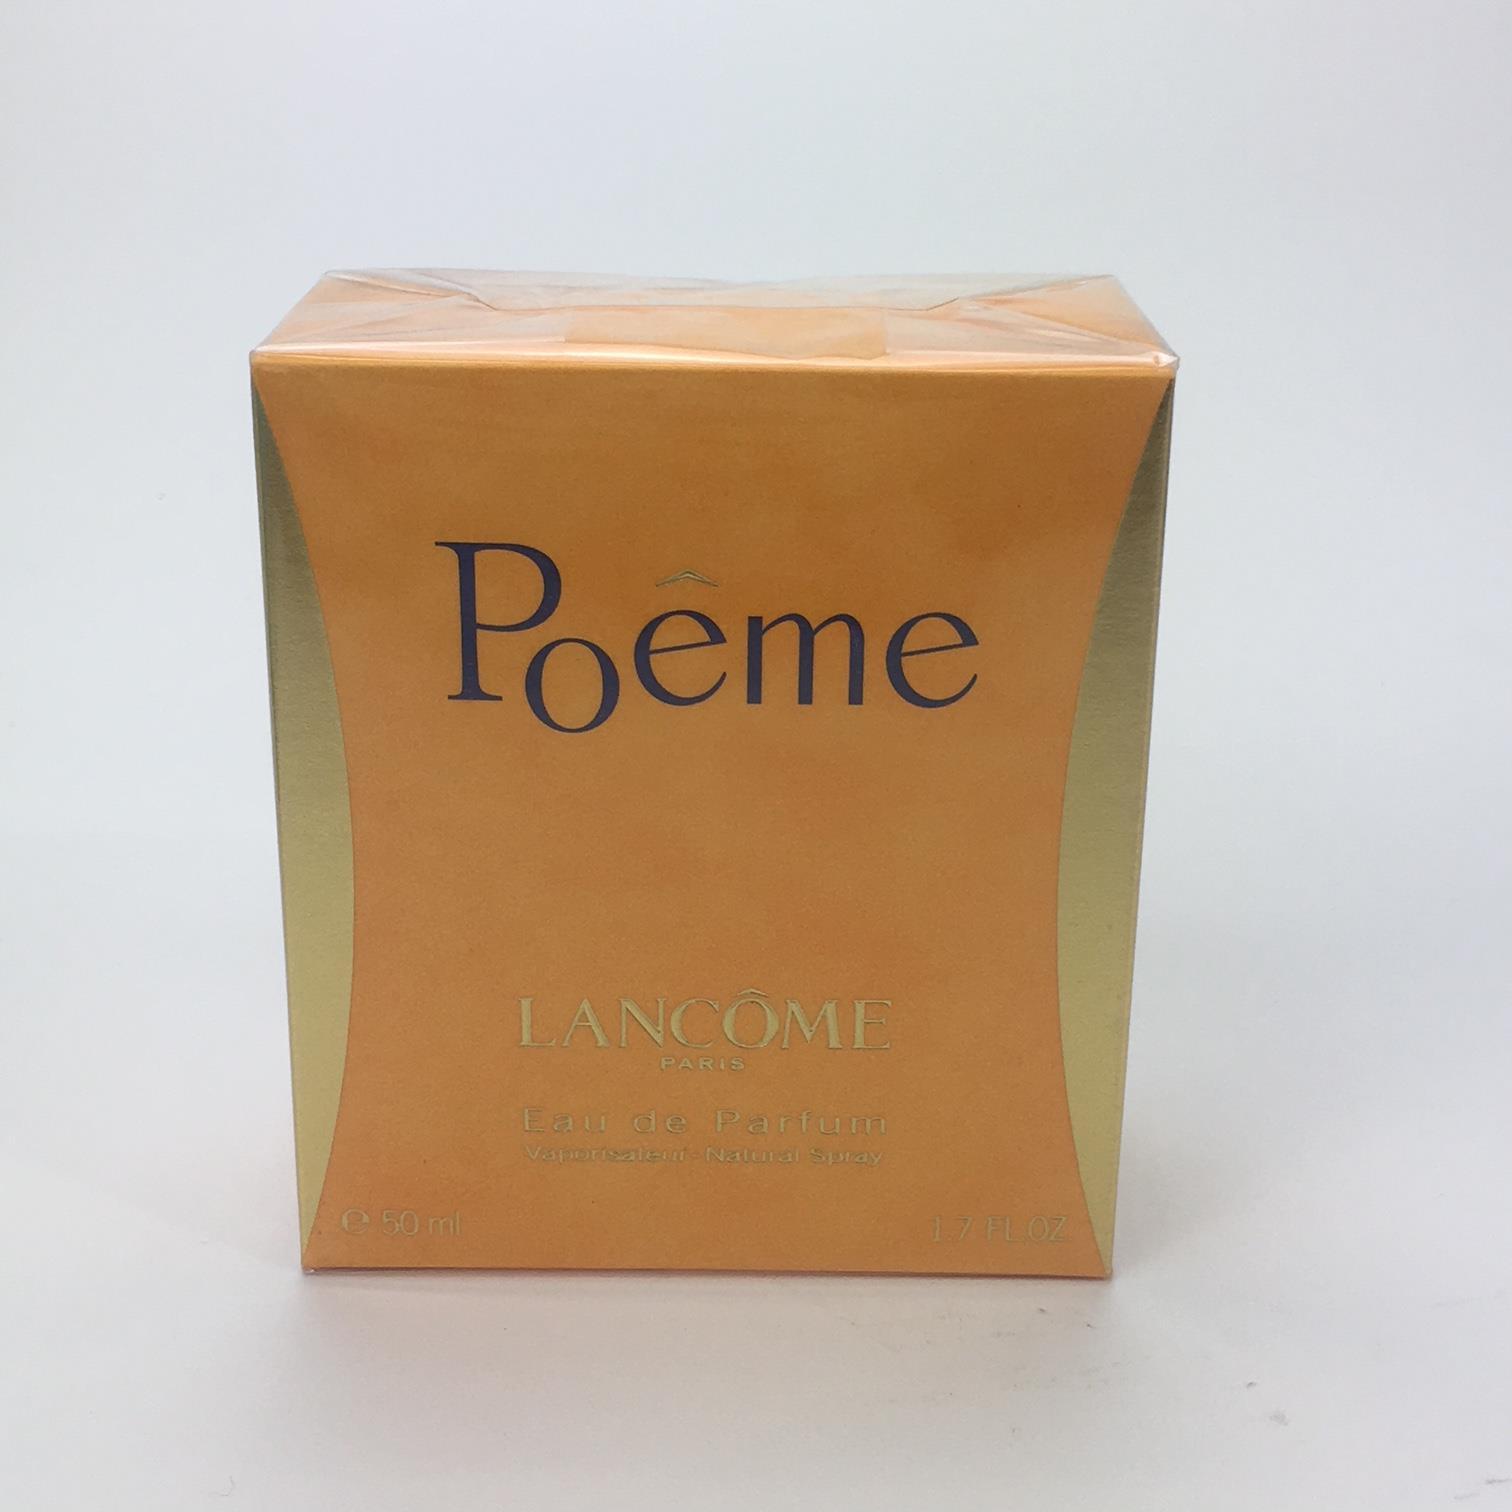 Poeme 50ml Eau De Parfum By Lancome